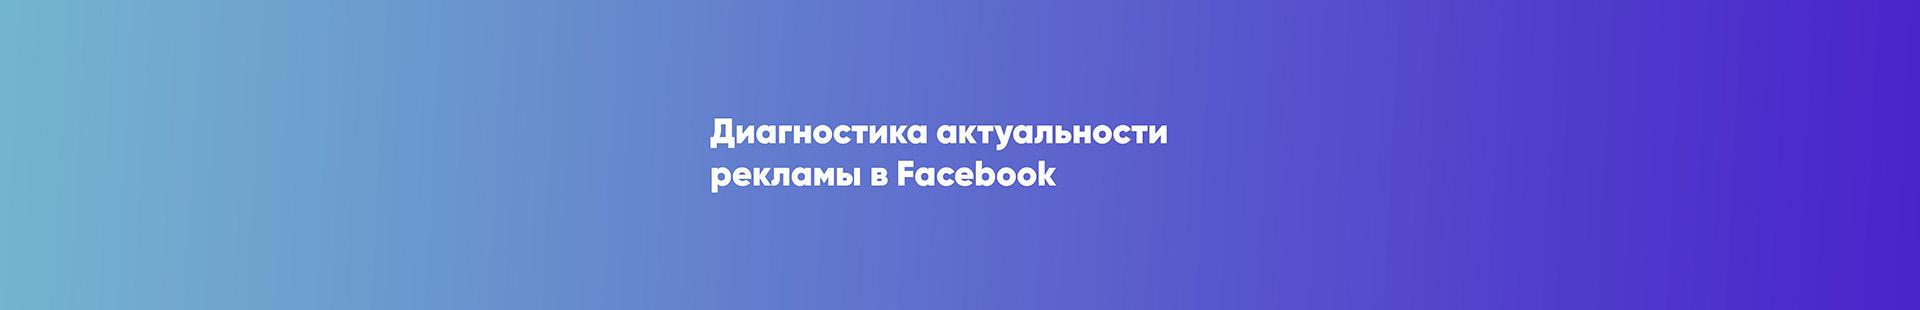 Диагностика актуальности рекламы в Facebook